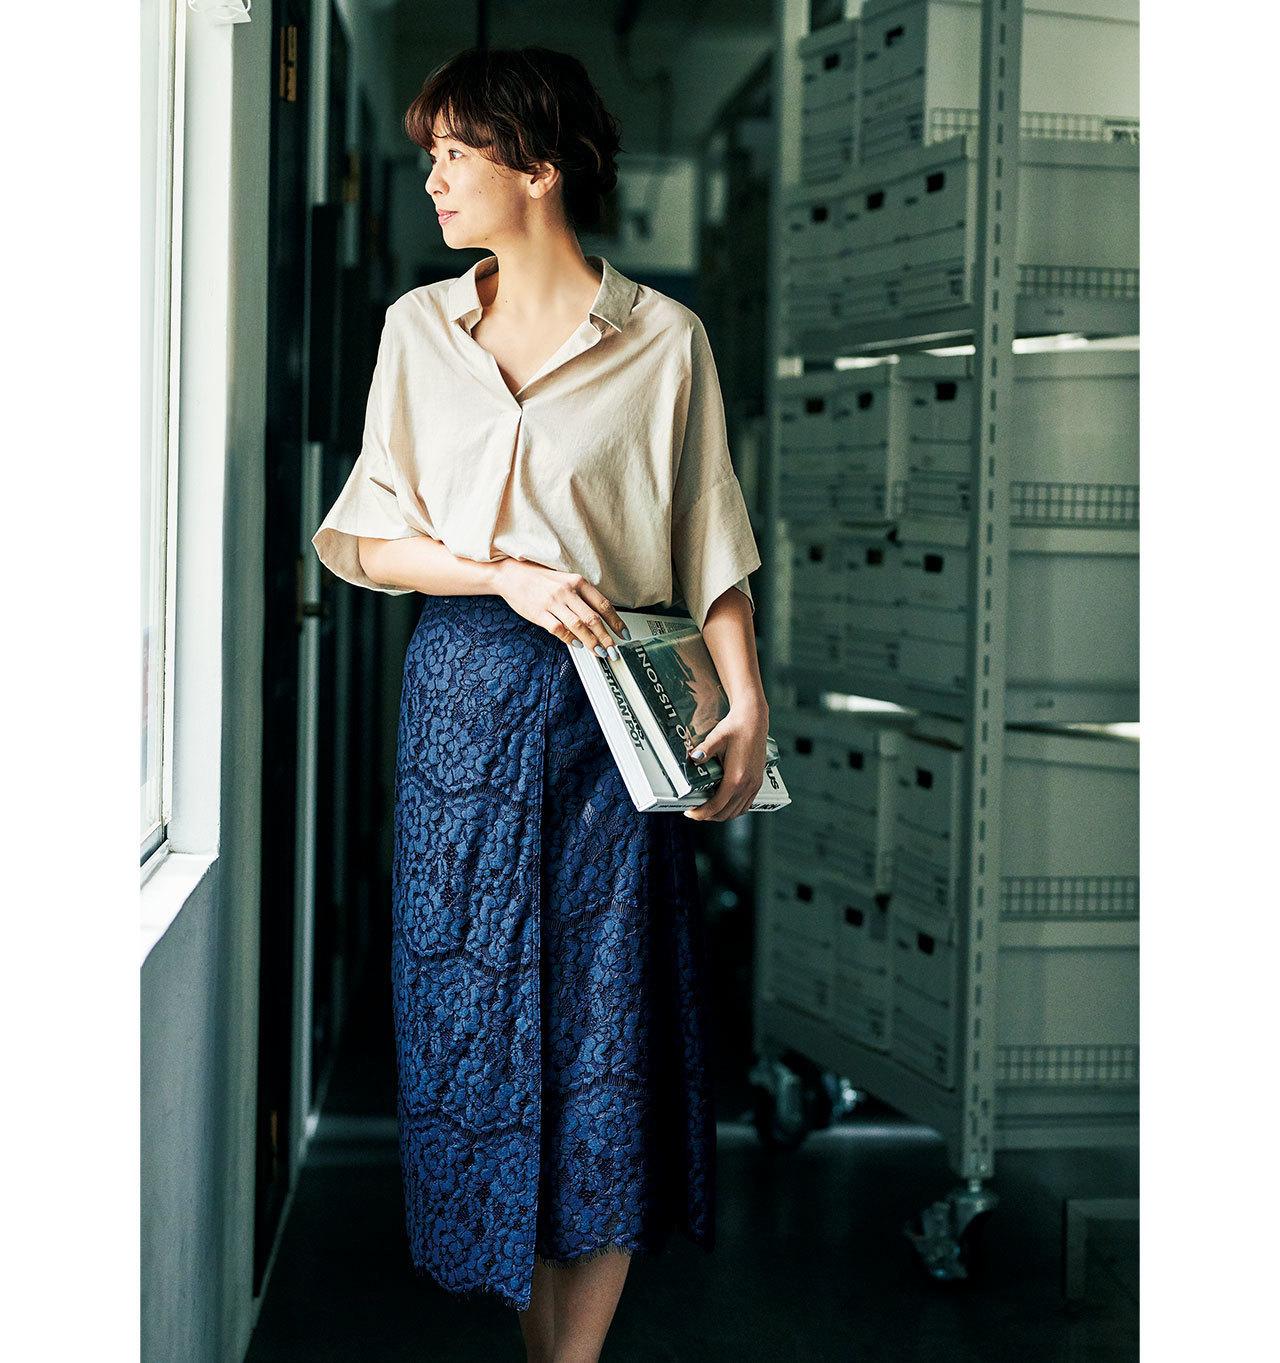 40代の「おしゃれになりたい」をかなえるファッションブランドは? 注目したいアイテムは? | アラフォーファッション_1_14